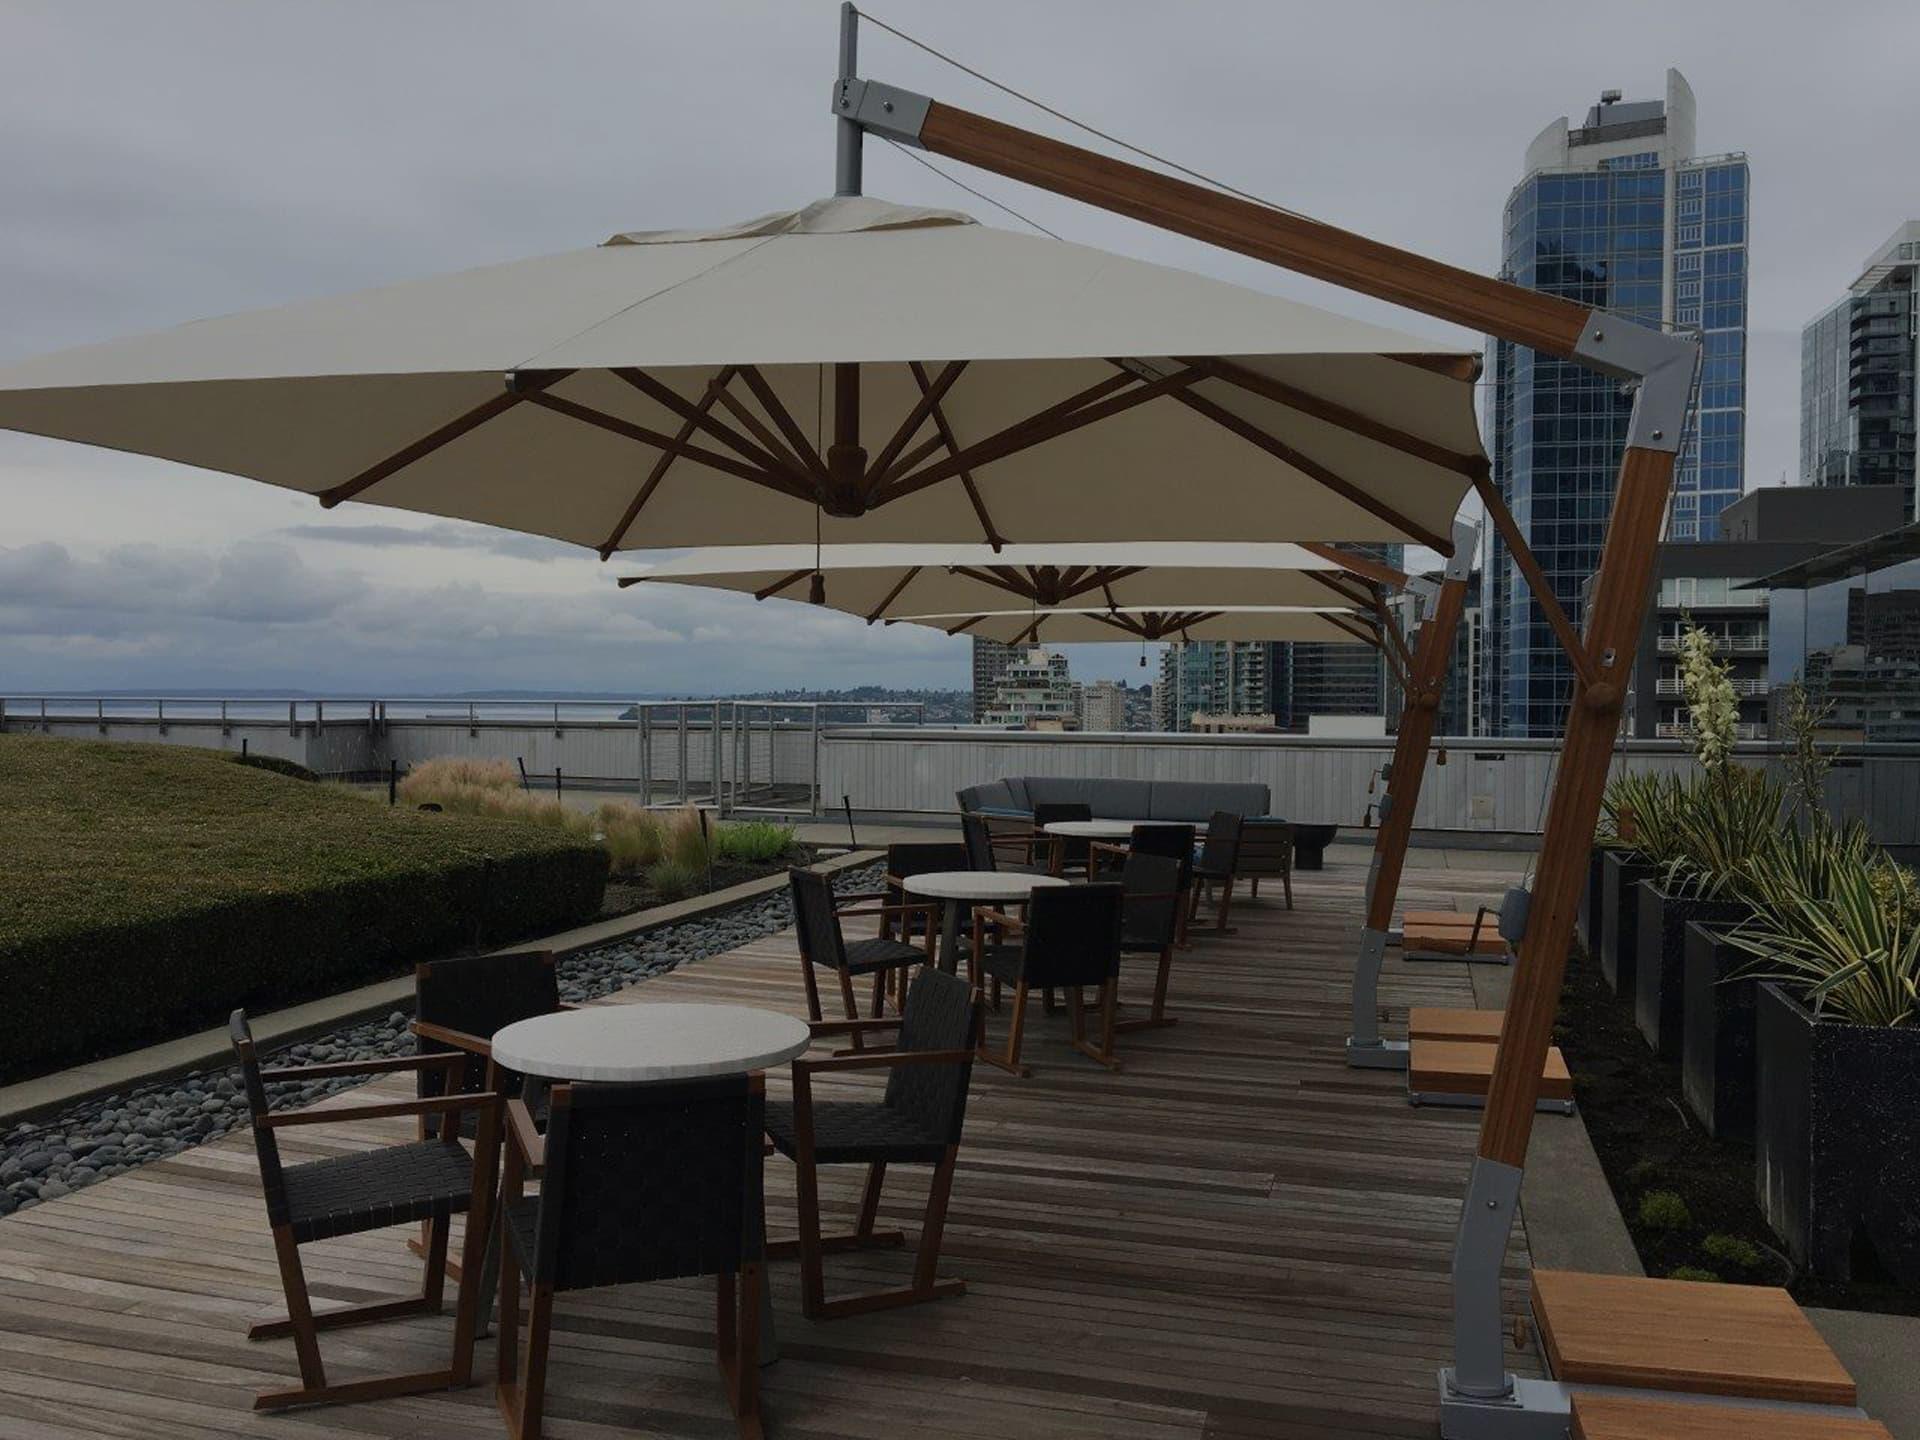 cantilever parasol for restaurant